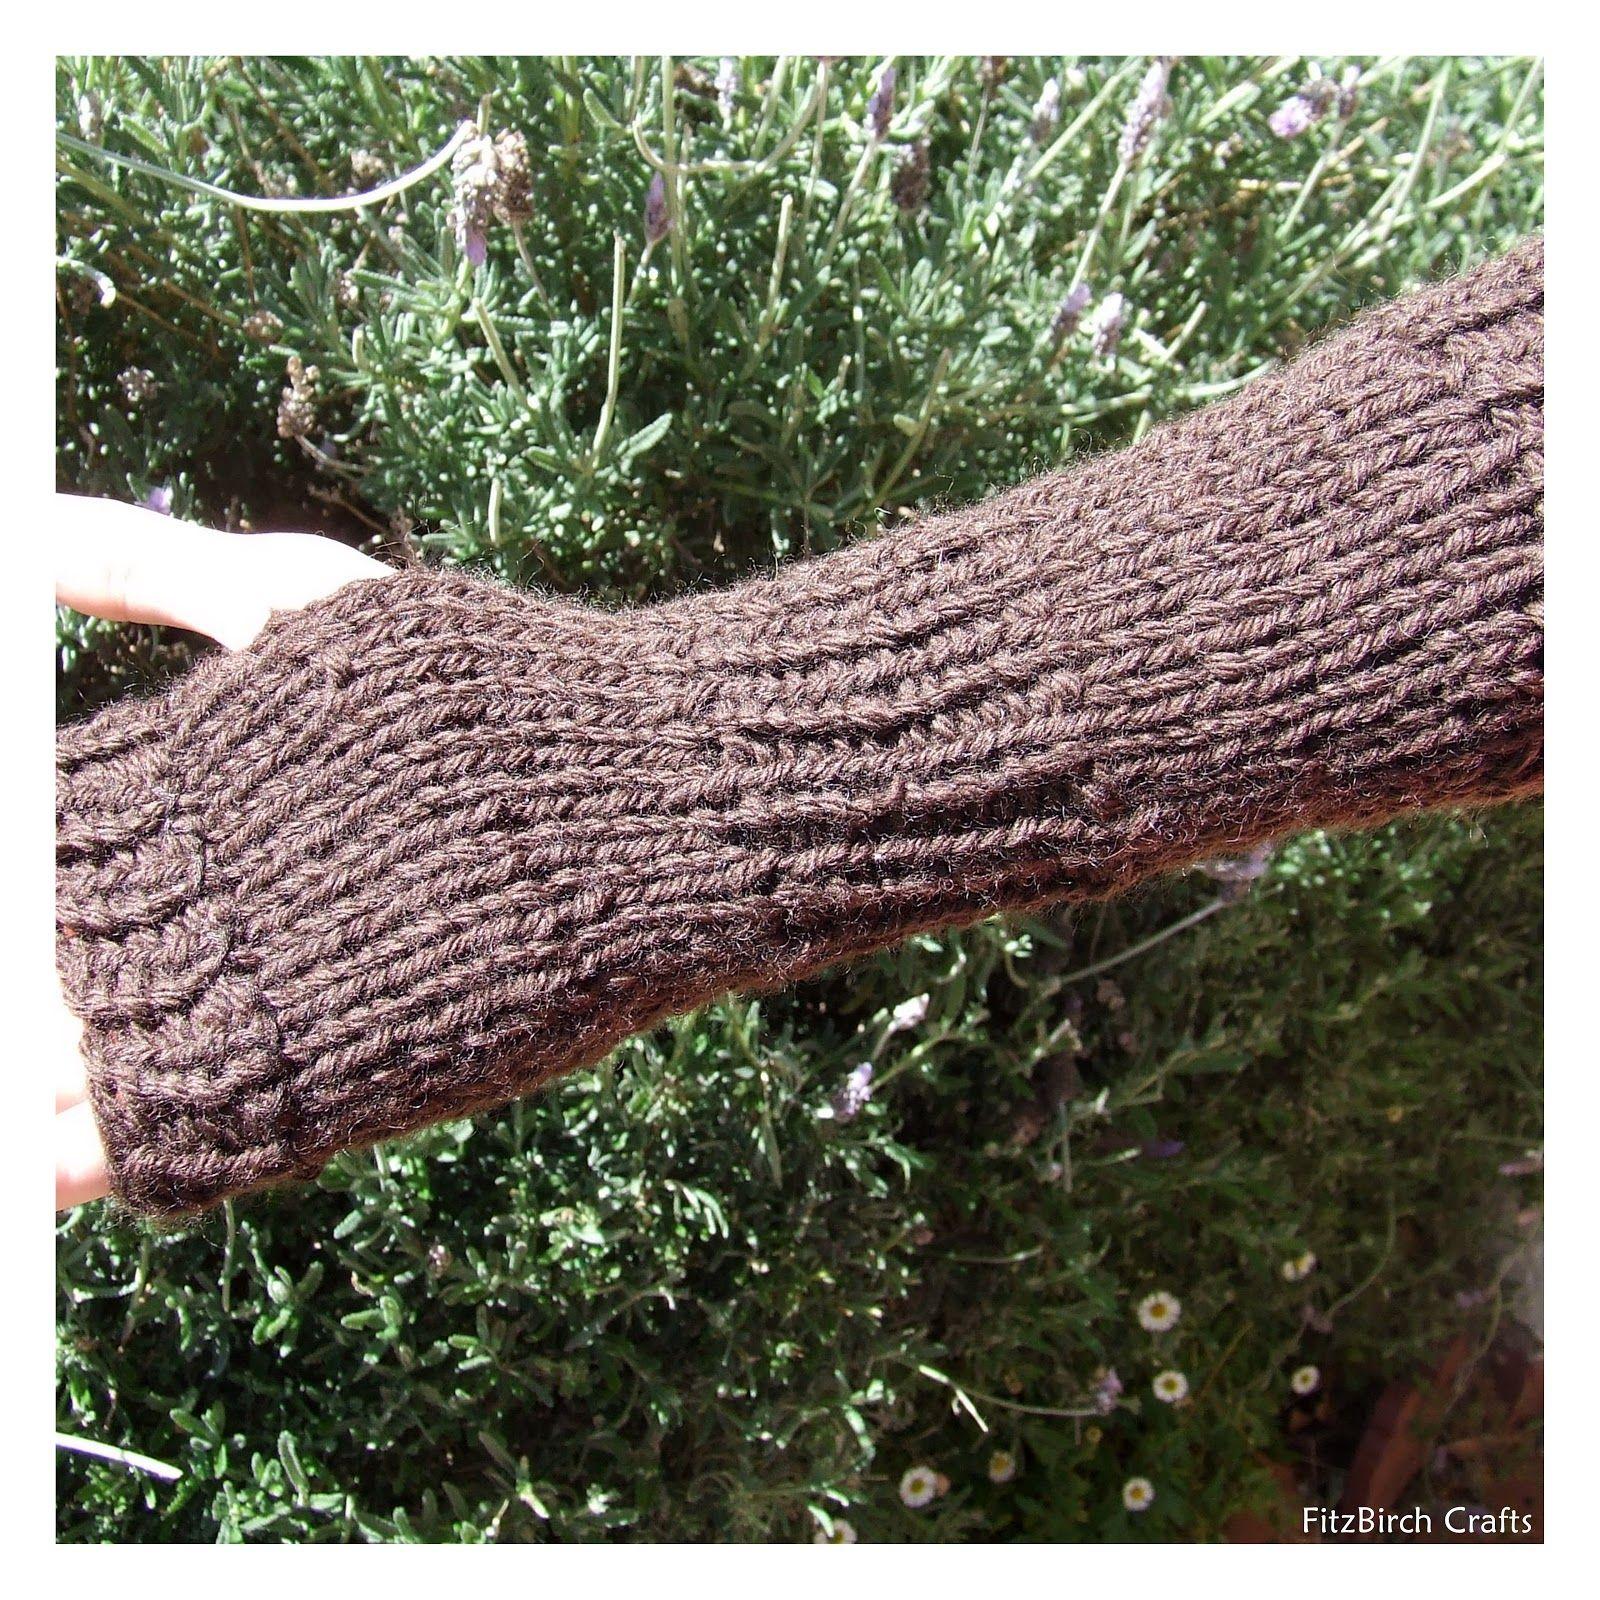 FitzBirch Crafts: Legend of Zelda Loom Knit Link Gauntlets ...